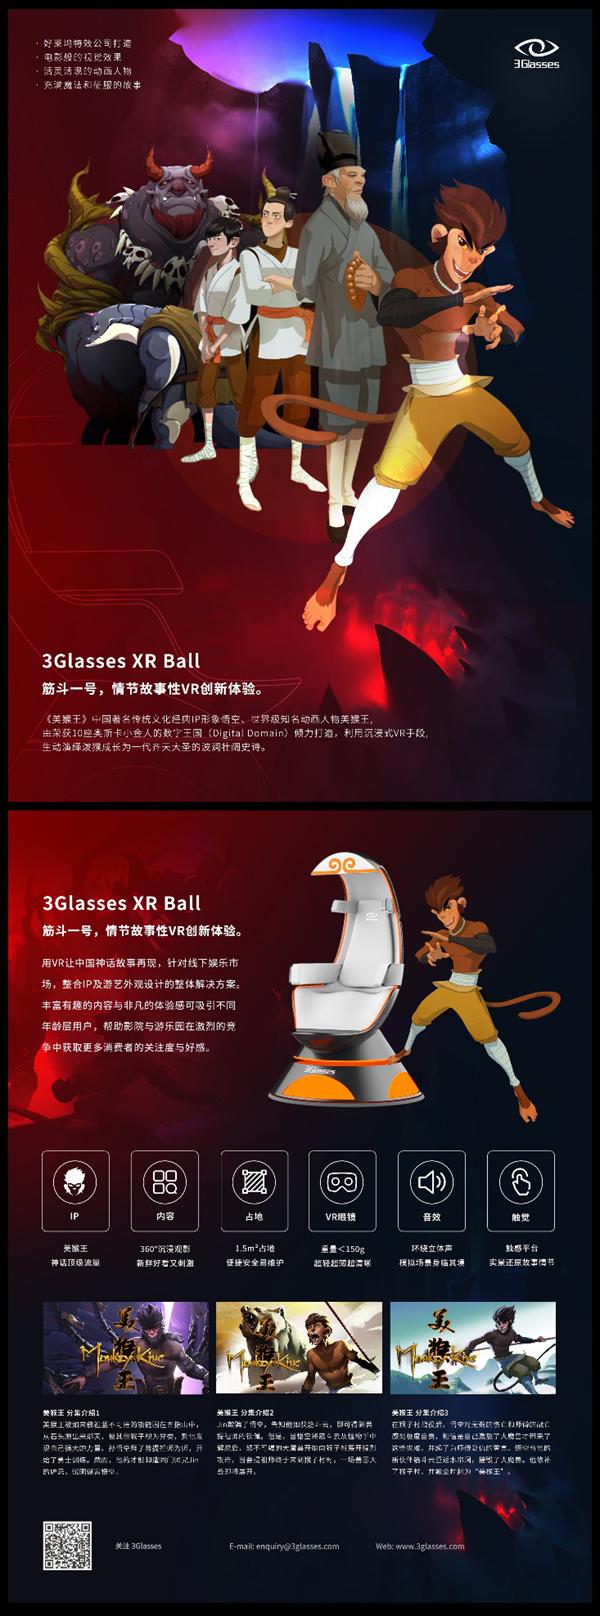 美猴王经典IP联合3GlassesX1新品惊艳亮相,掀起VR观影风潮